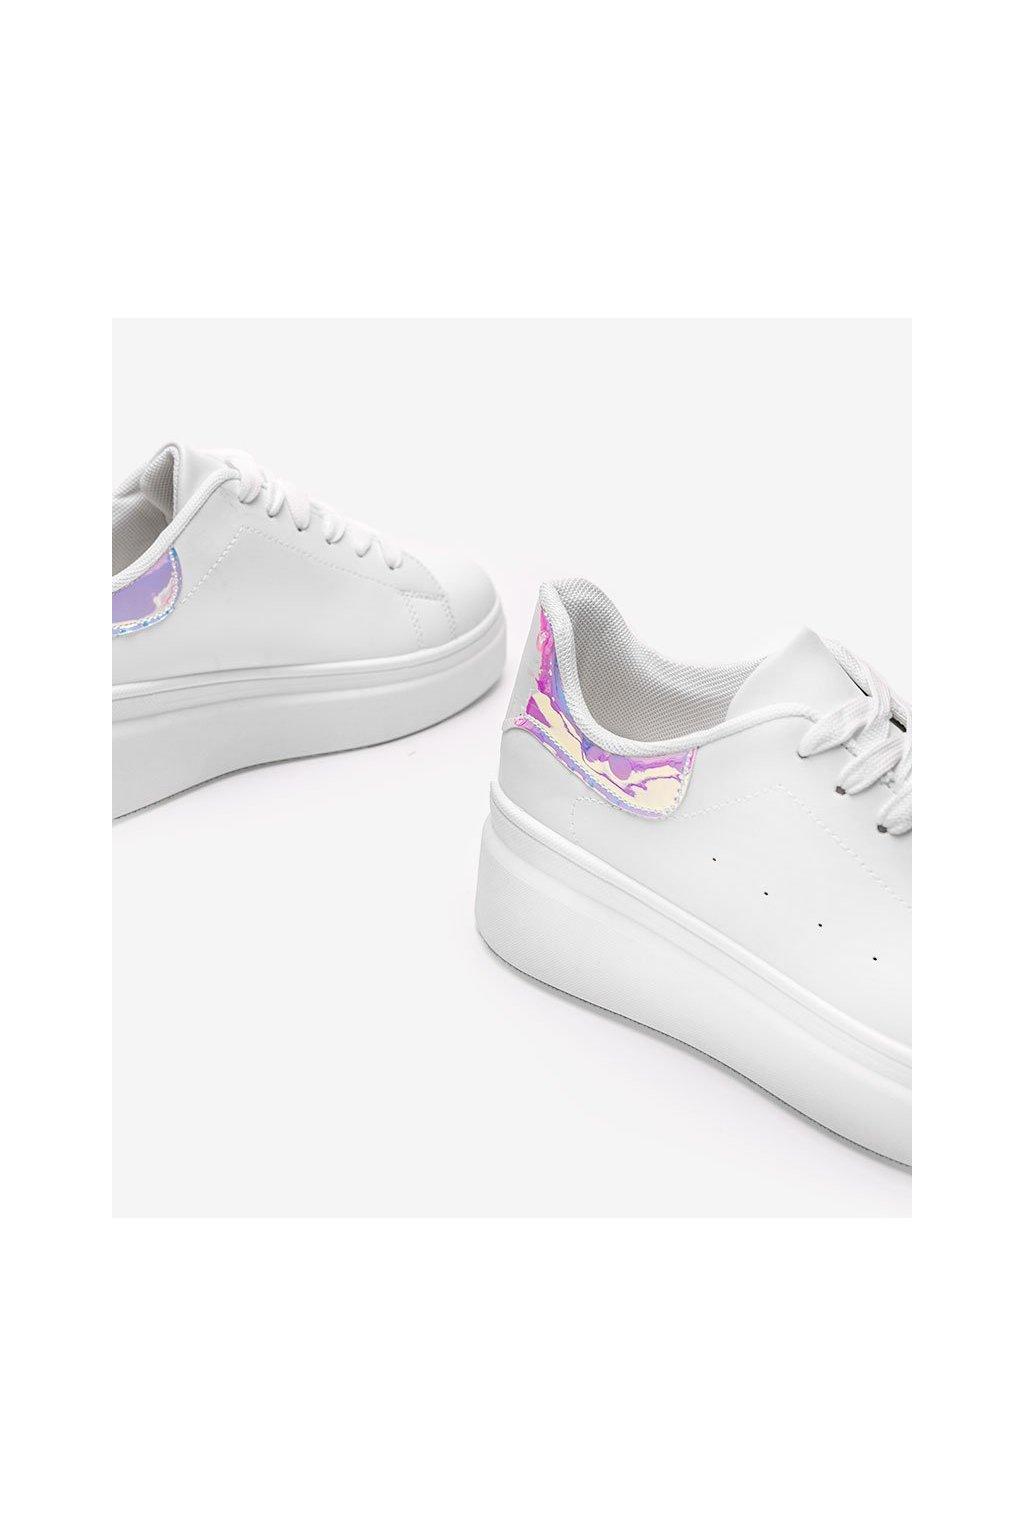 Dámske topánky tenisky biele kód LA36 - GM